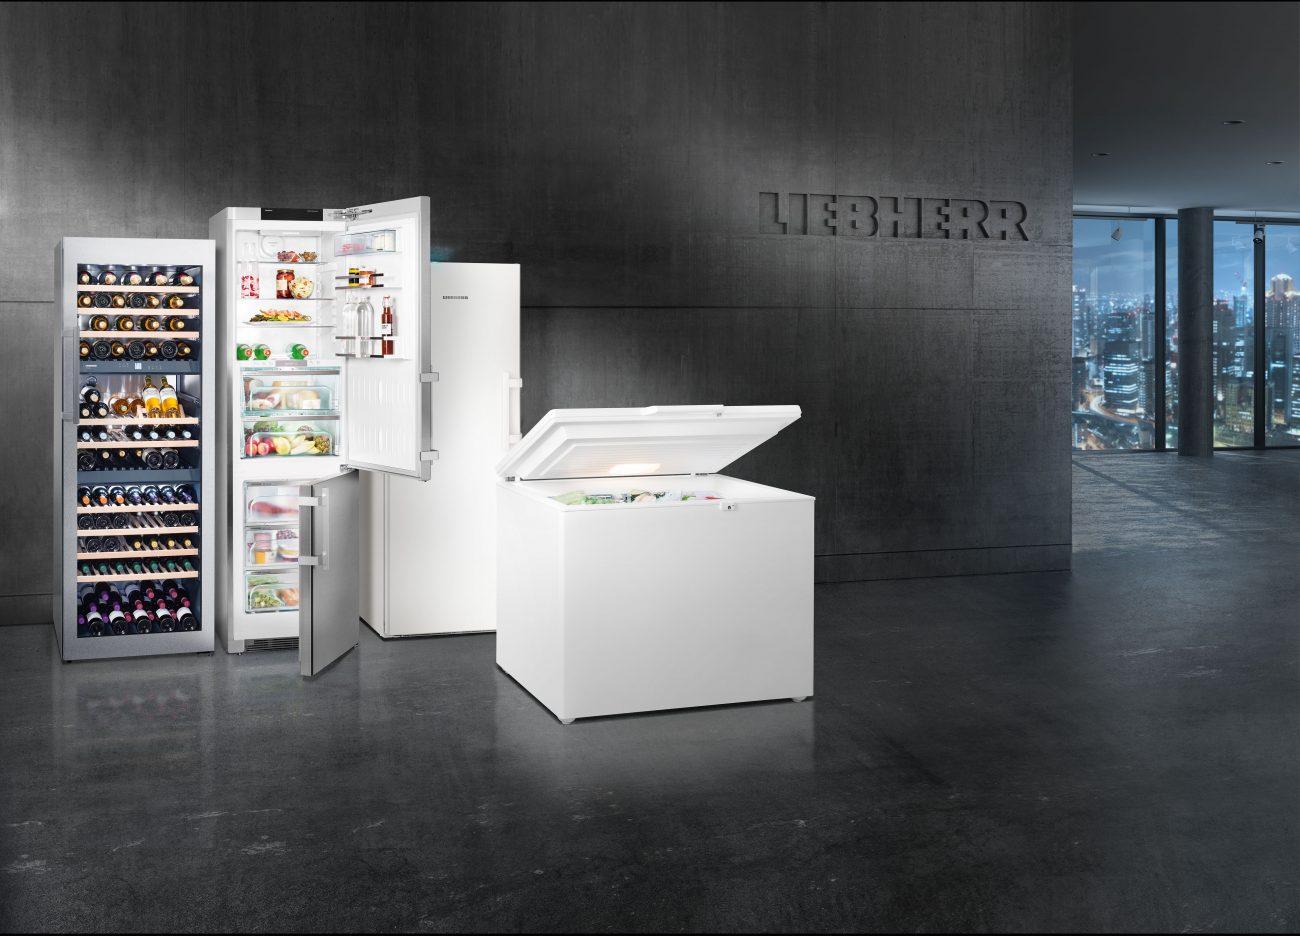 Siemens Kombi Kühlschrank : Baugleiche kühlschränke marken und hersteller bosch siemens